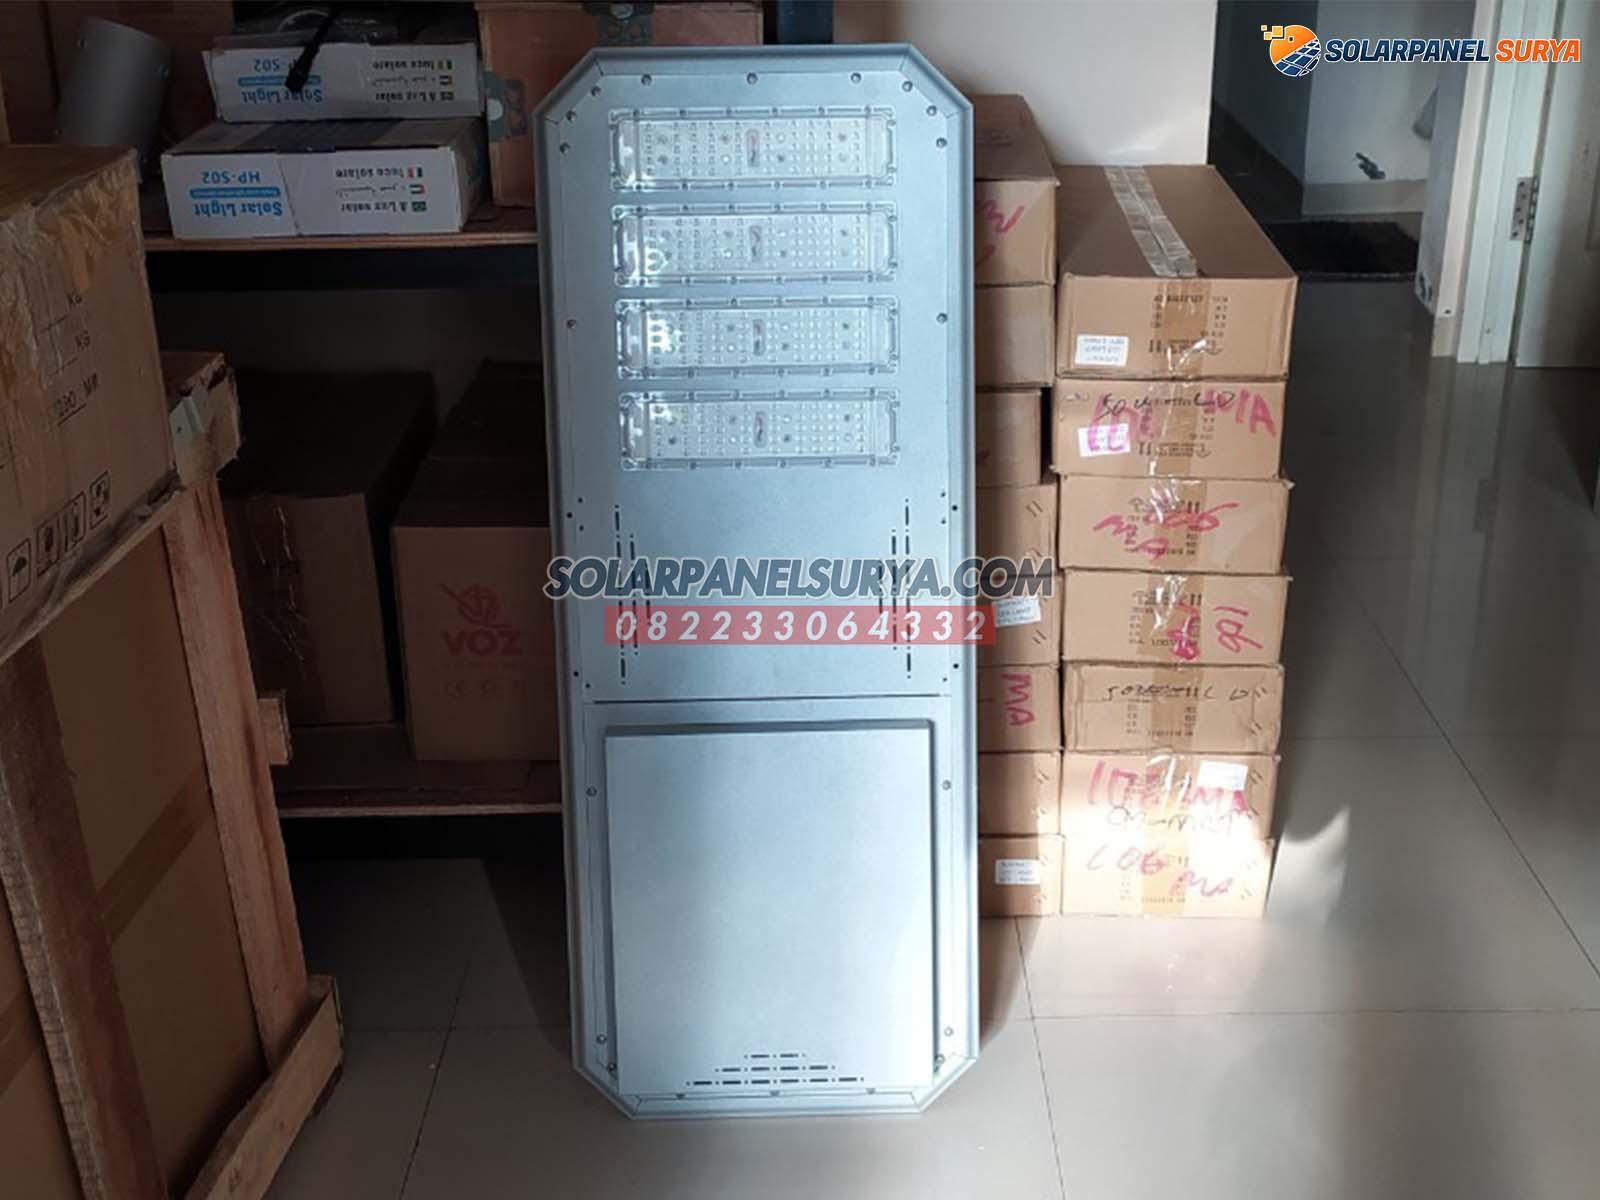 jual Lampu PJU Solarcell All In One 60 Watt Octagon